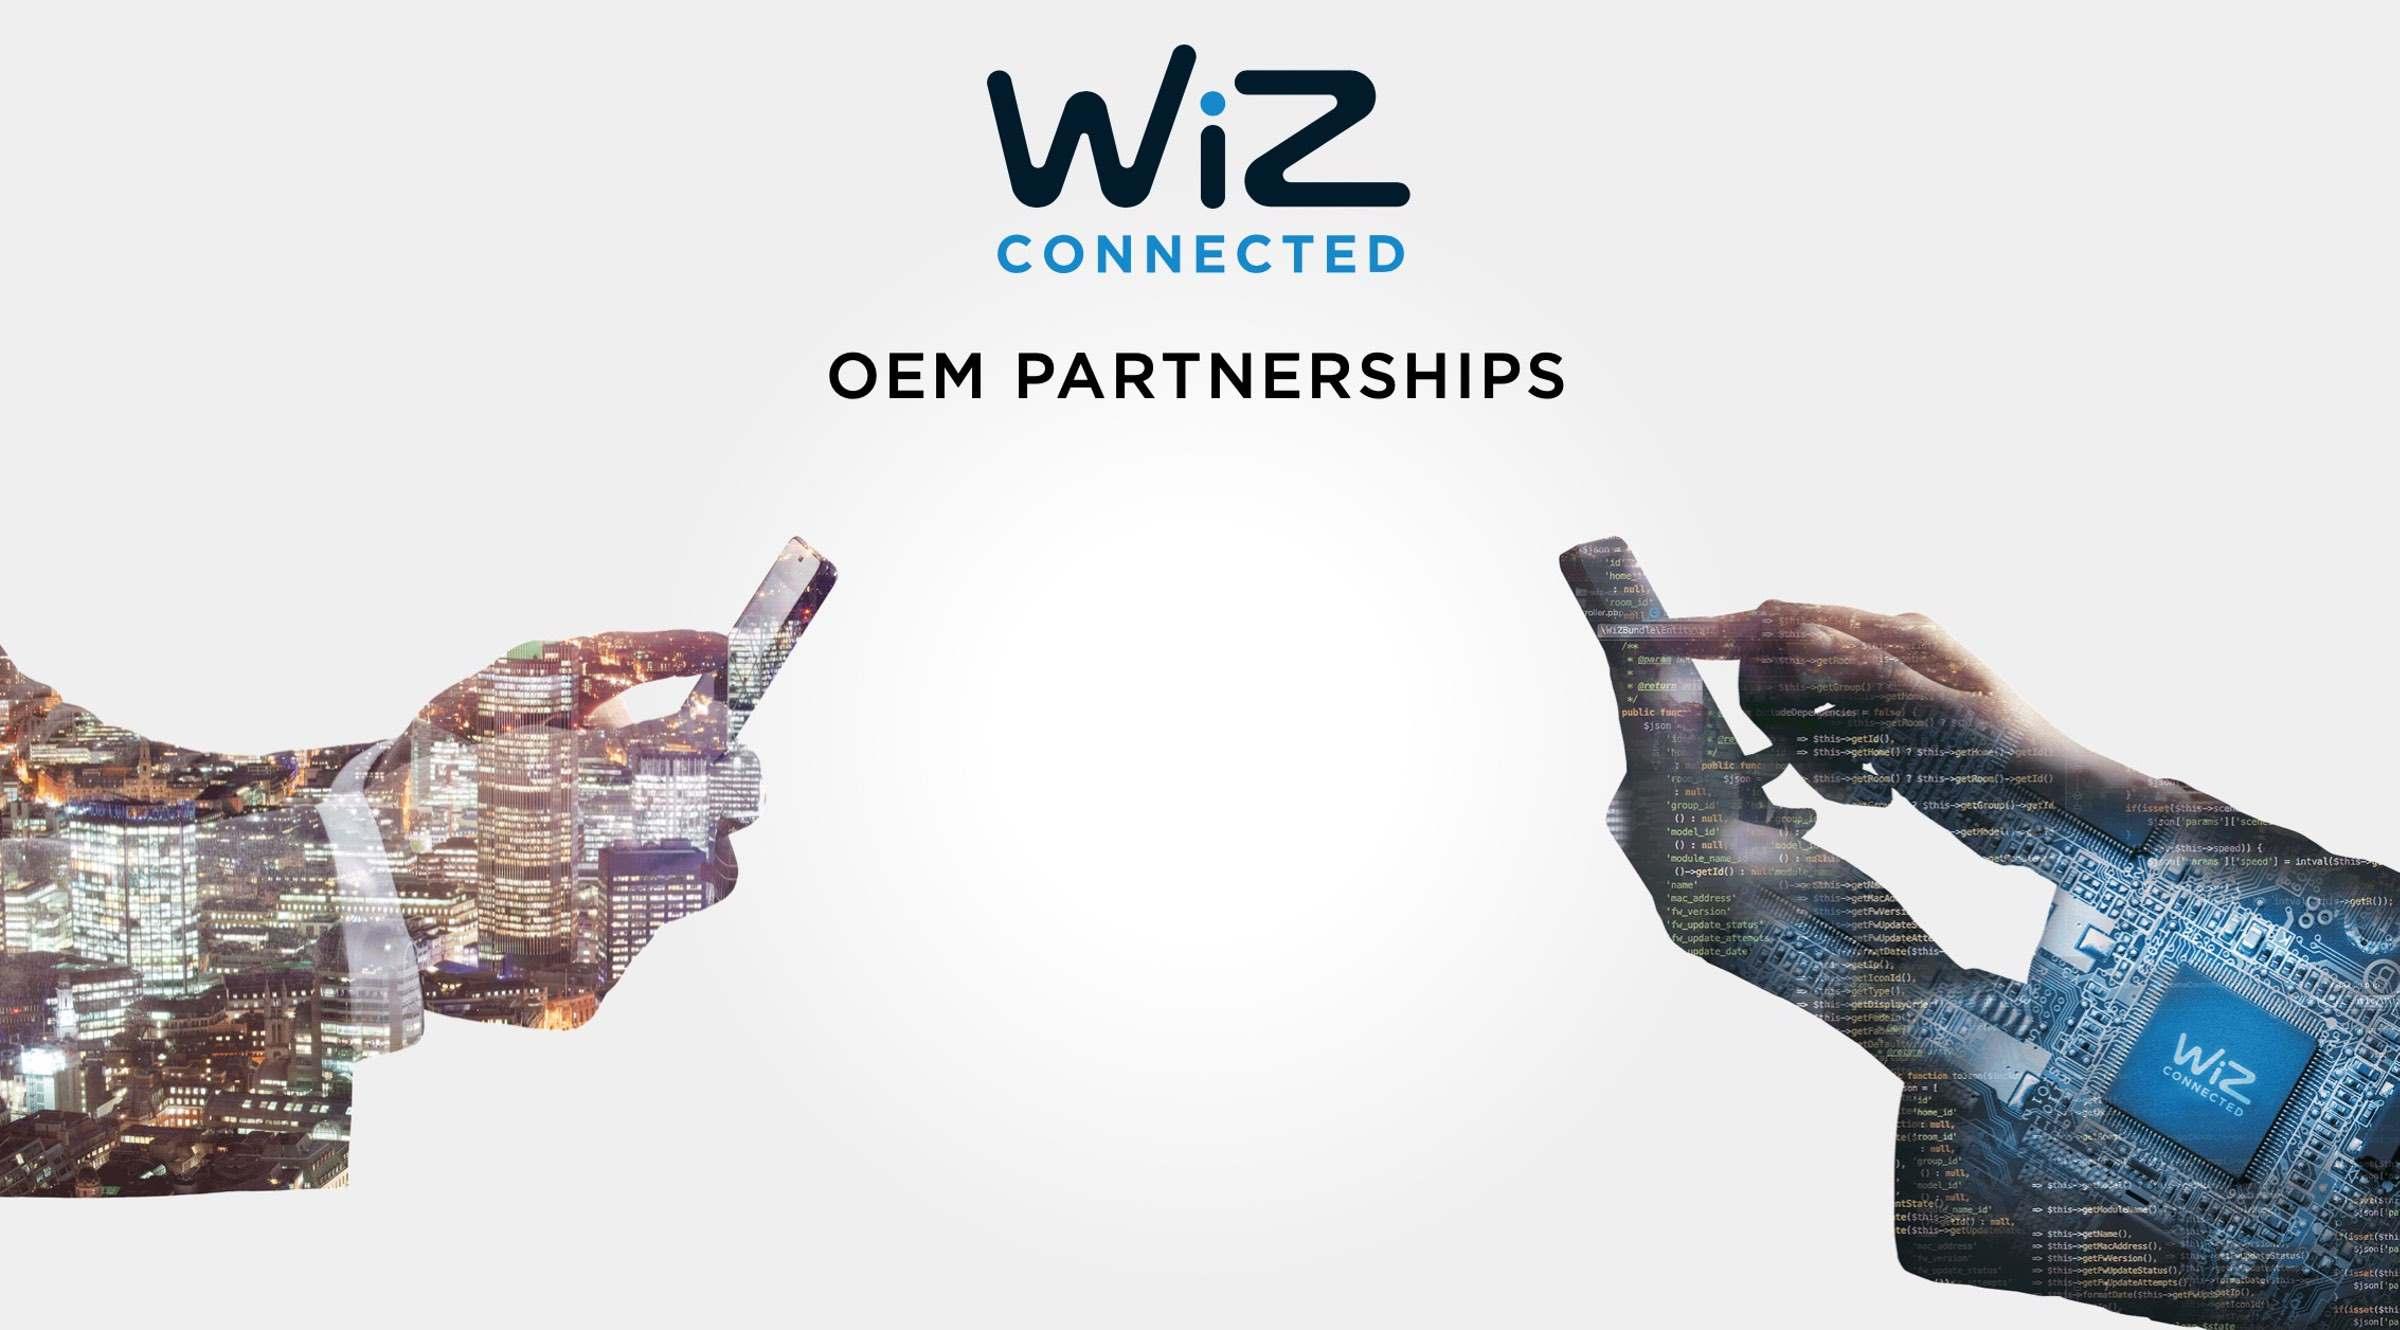 WiZ Connected: OEM-Partnerprogramm auf der #IFA2019 vorgestellt